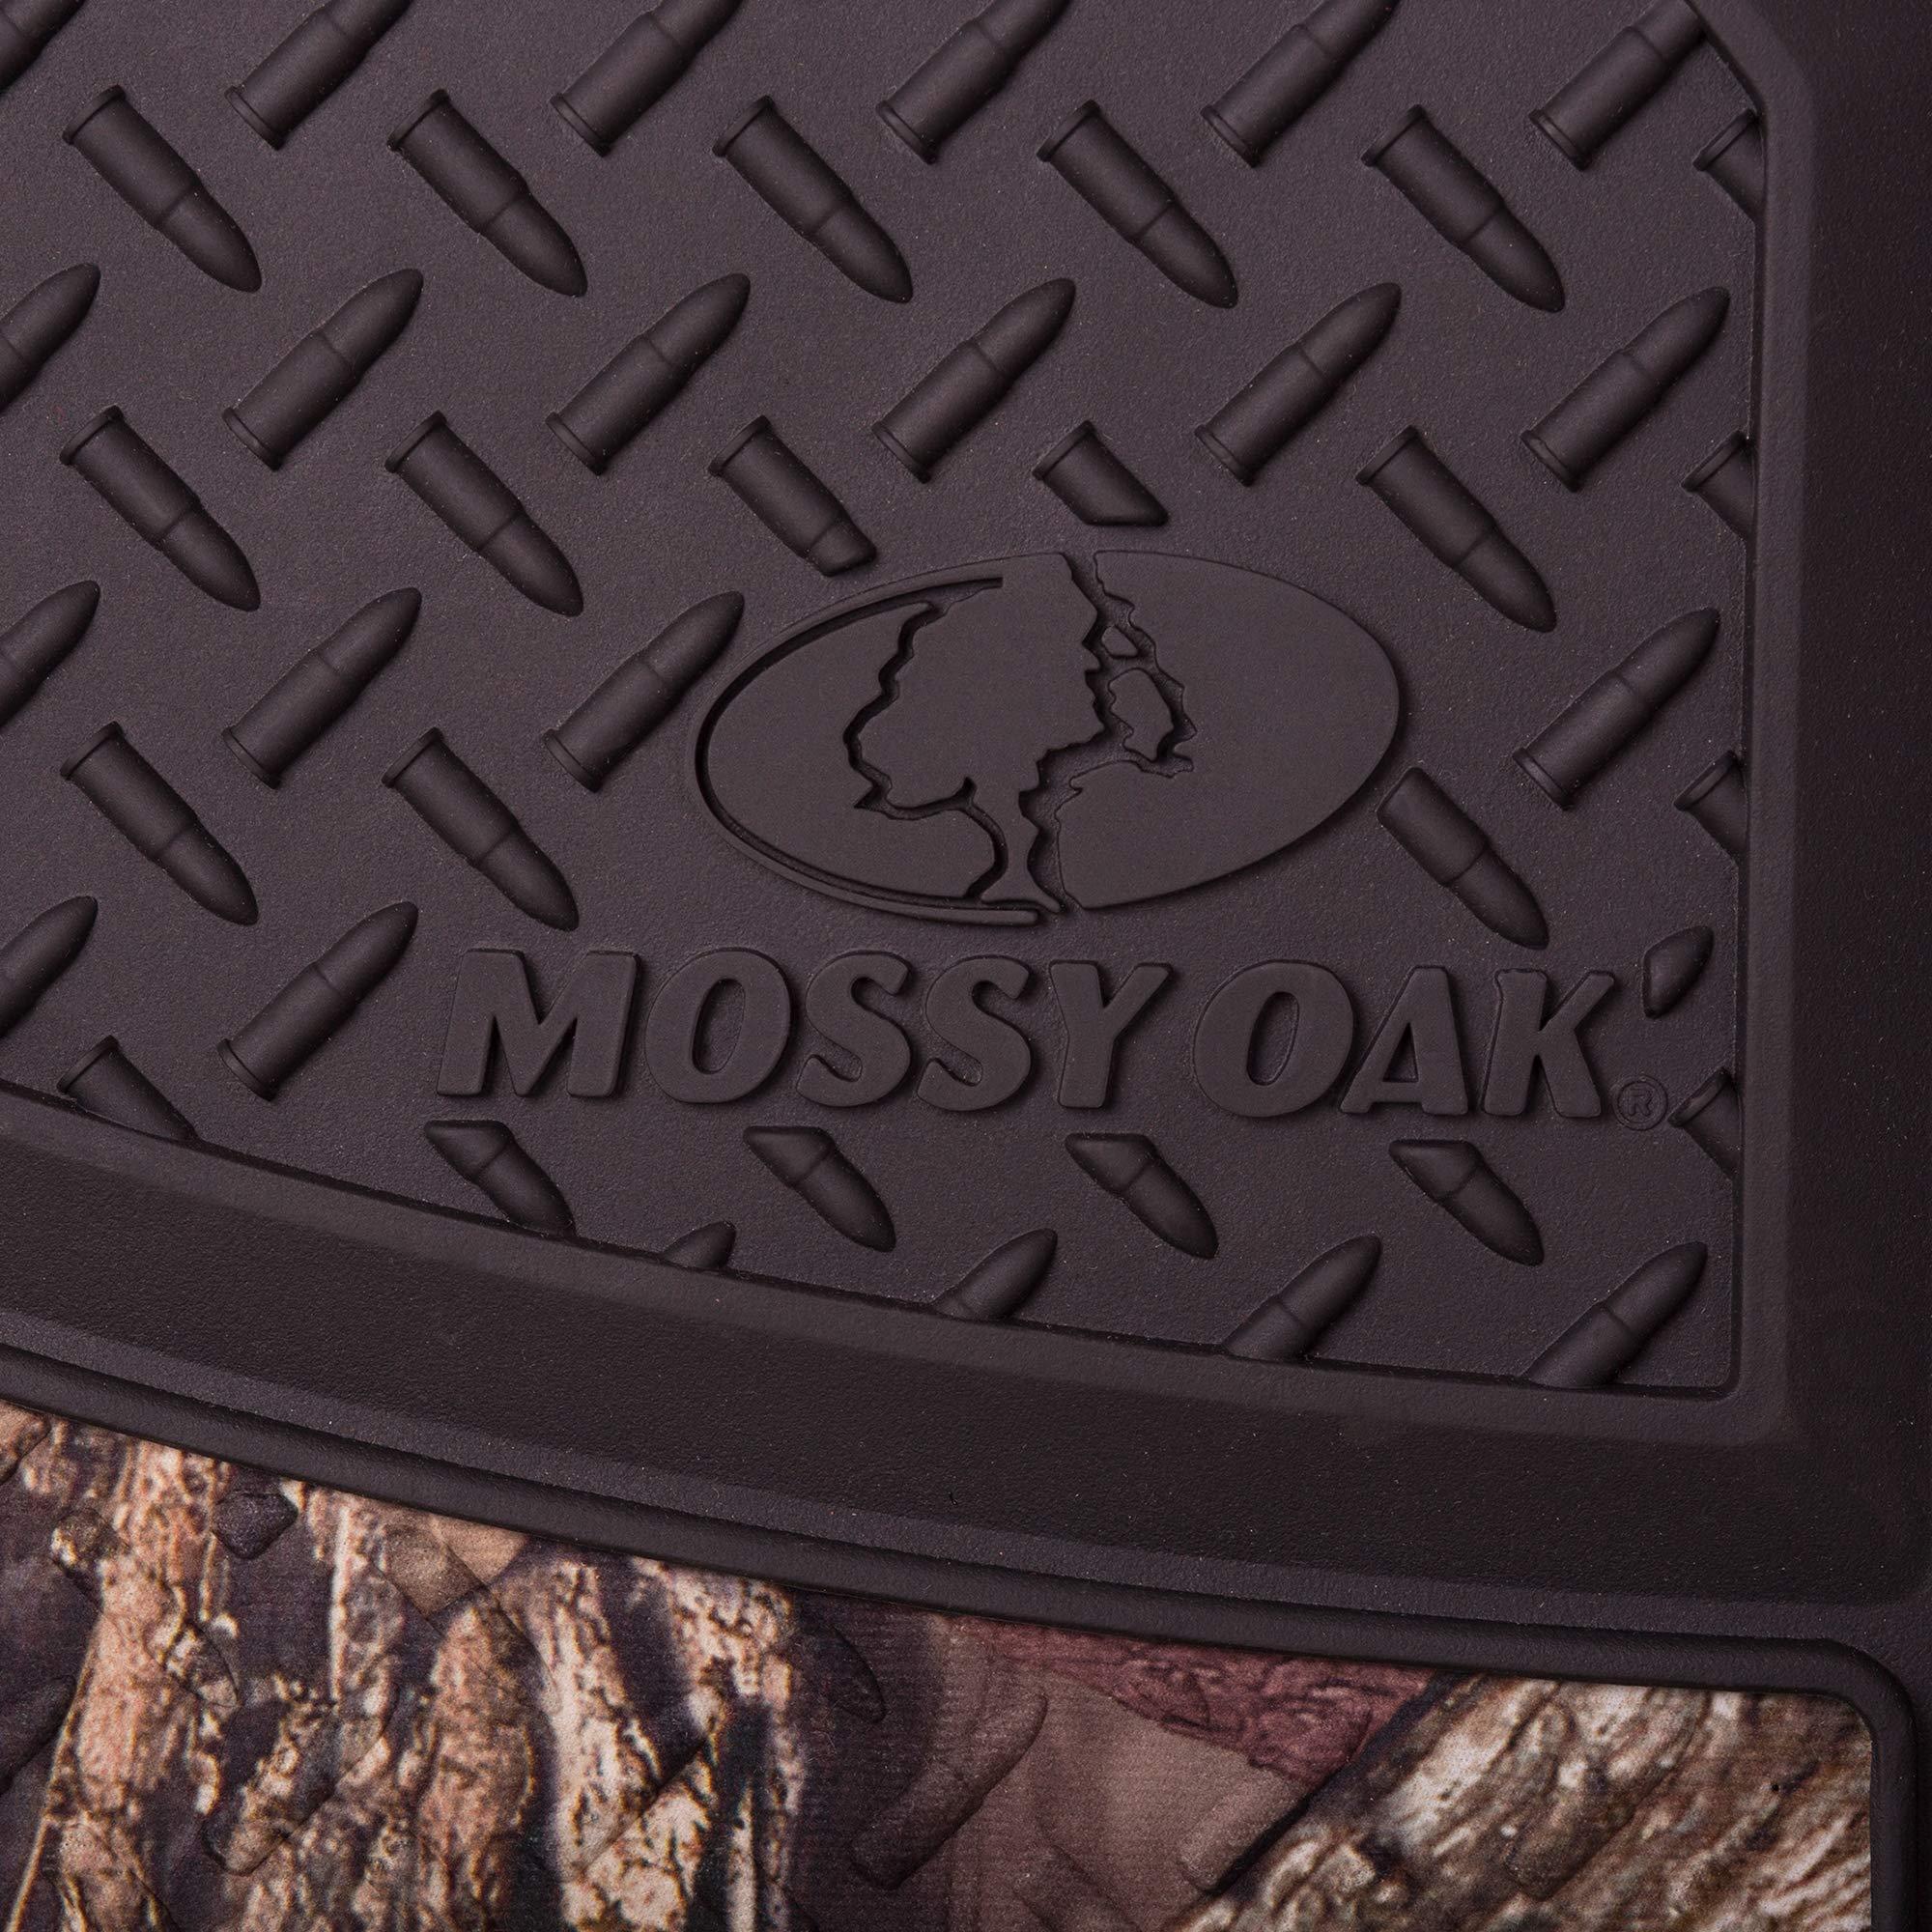 Mossy Oak Front Floor Mats | Mossy Oak Break-Up Country Camo | 2 Pack by Mossy Oak (Image #3)